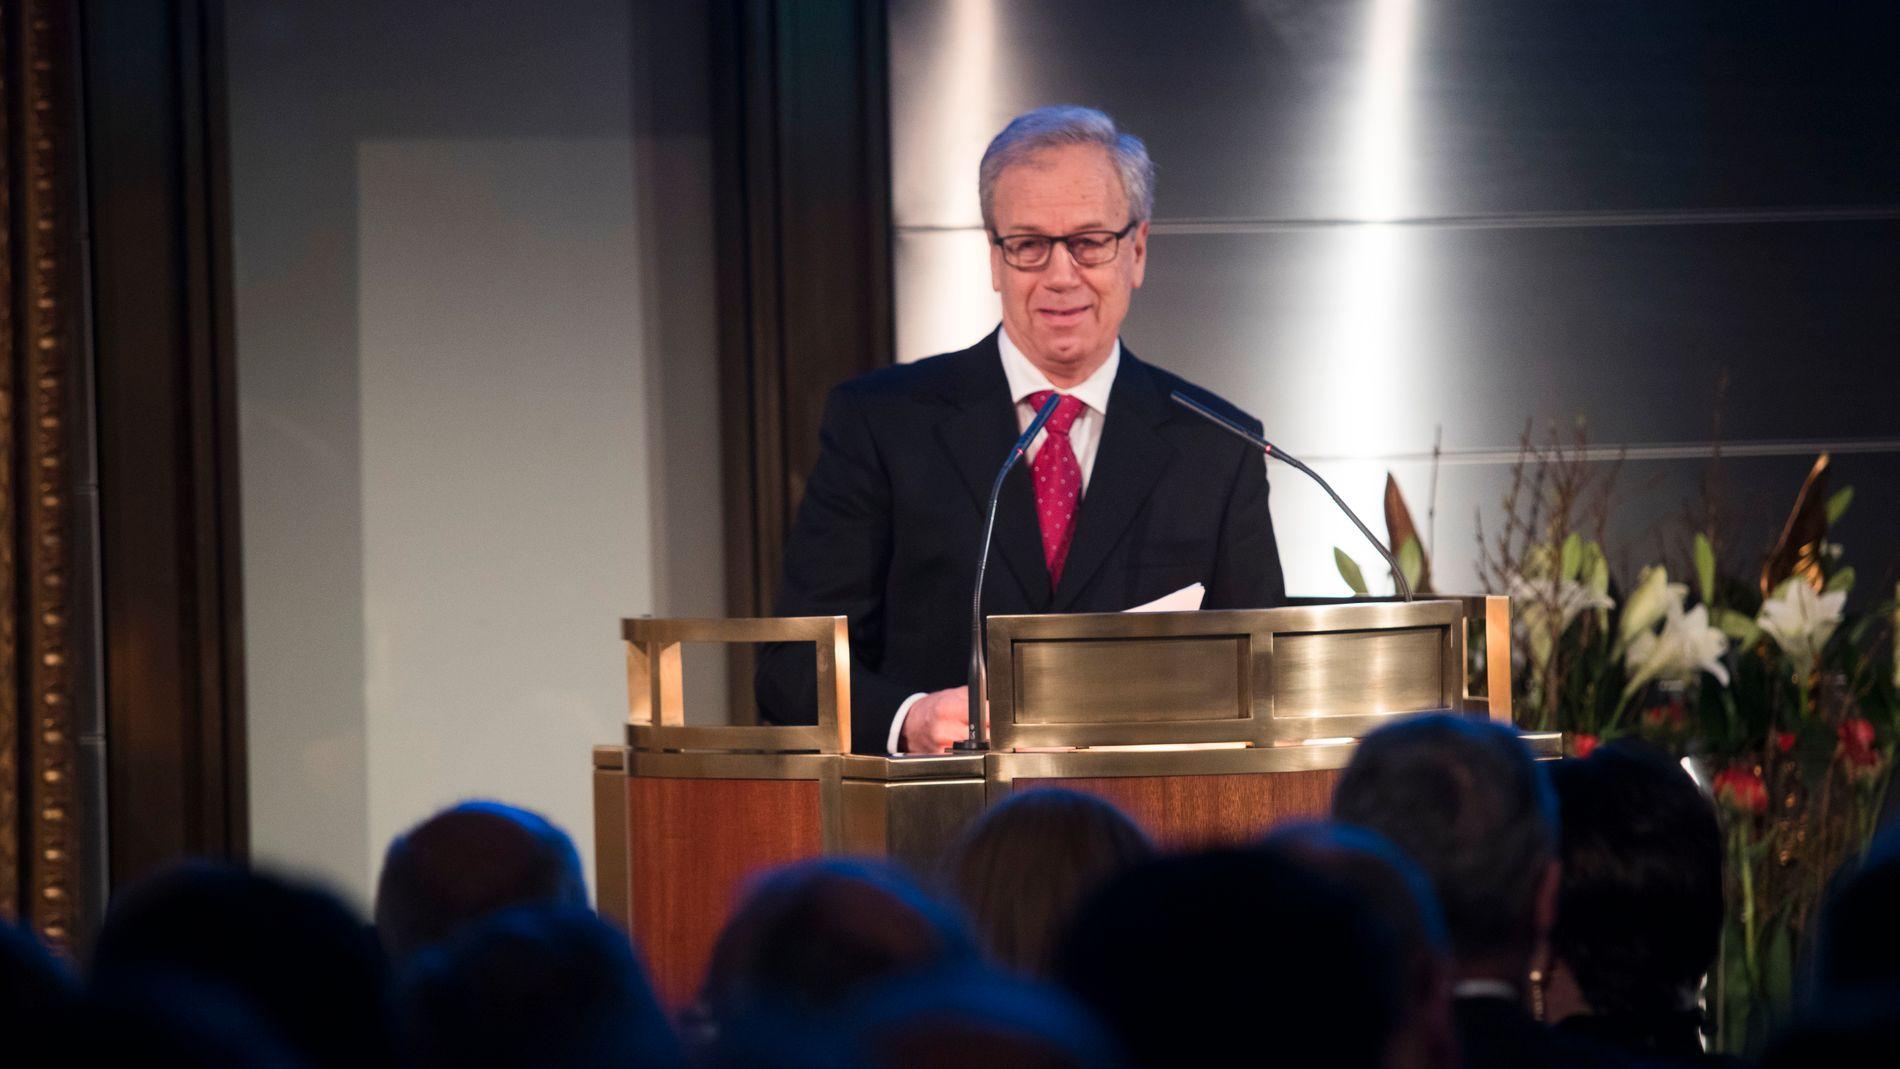 RIKETS TILSTAND: Sentralbanksjef i Norges Bank, Øystein Olsen, holdt torsdag sin årlige tale om Norges økonomi sett fra Norges Banks ståsted.